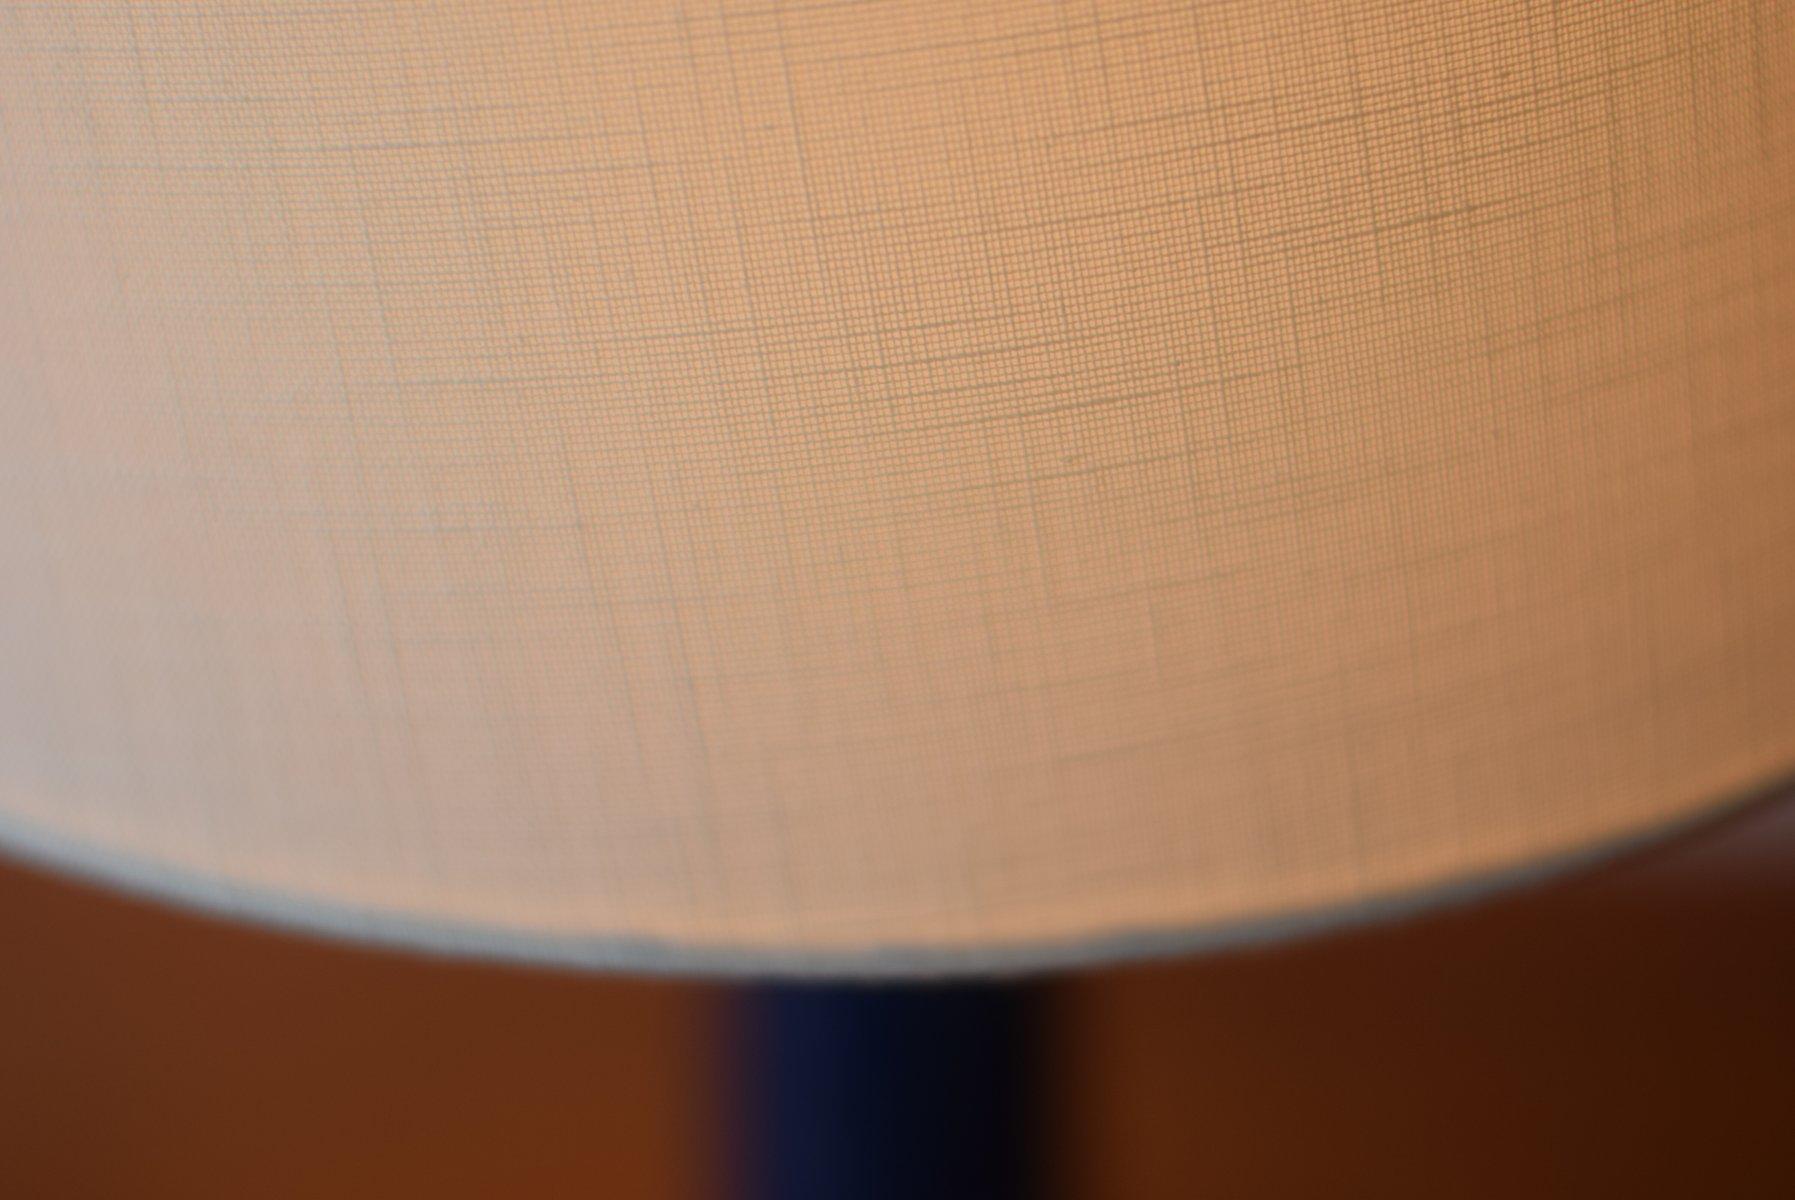 lampes de bureau bleues scandinaves par esben klint pour palshus 1960s set de 2 10 Résultat Supérieur 60 Beau Lampe De Bureau Vintage Photos 2018 Lok9